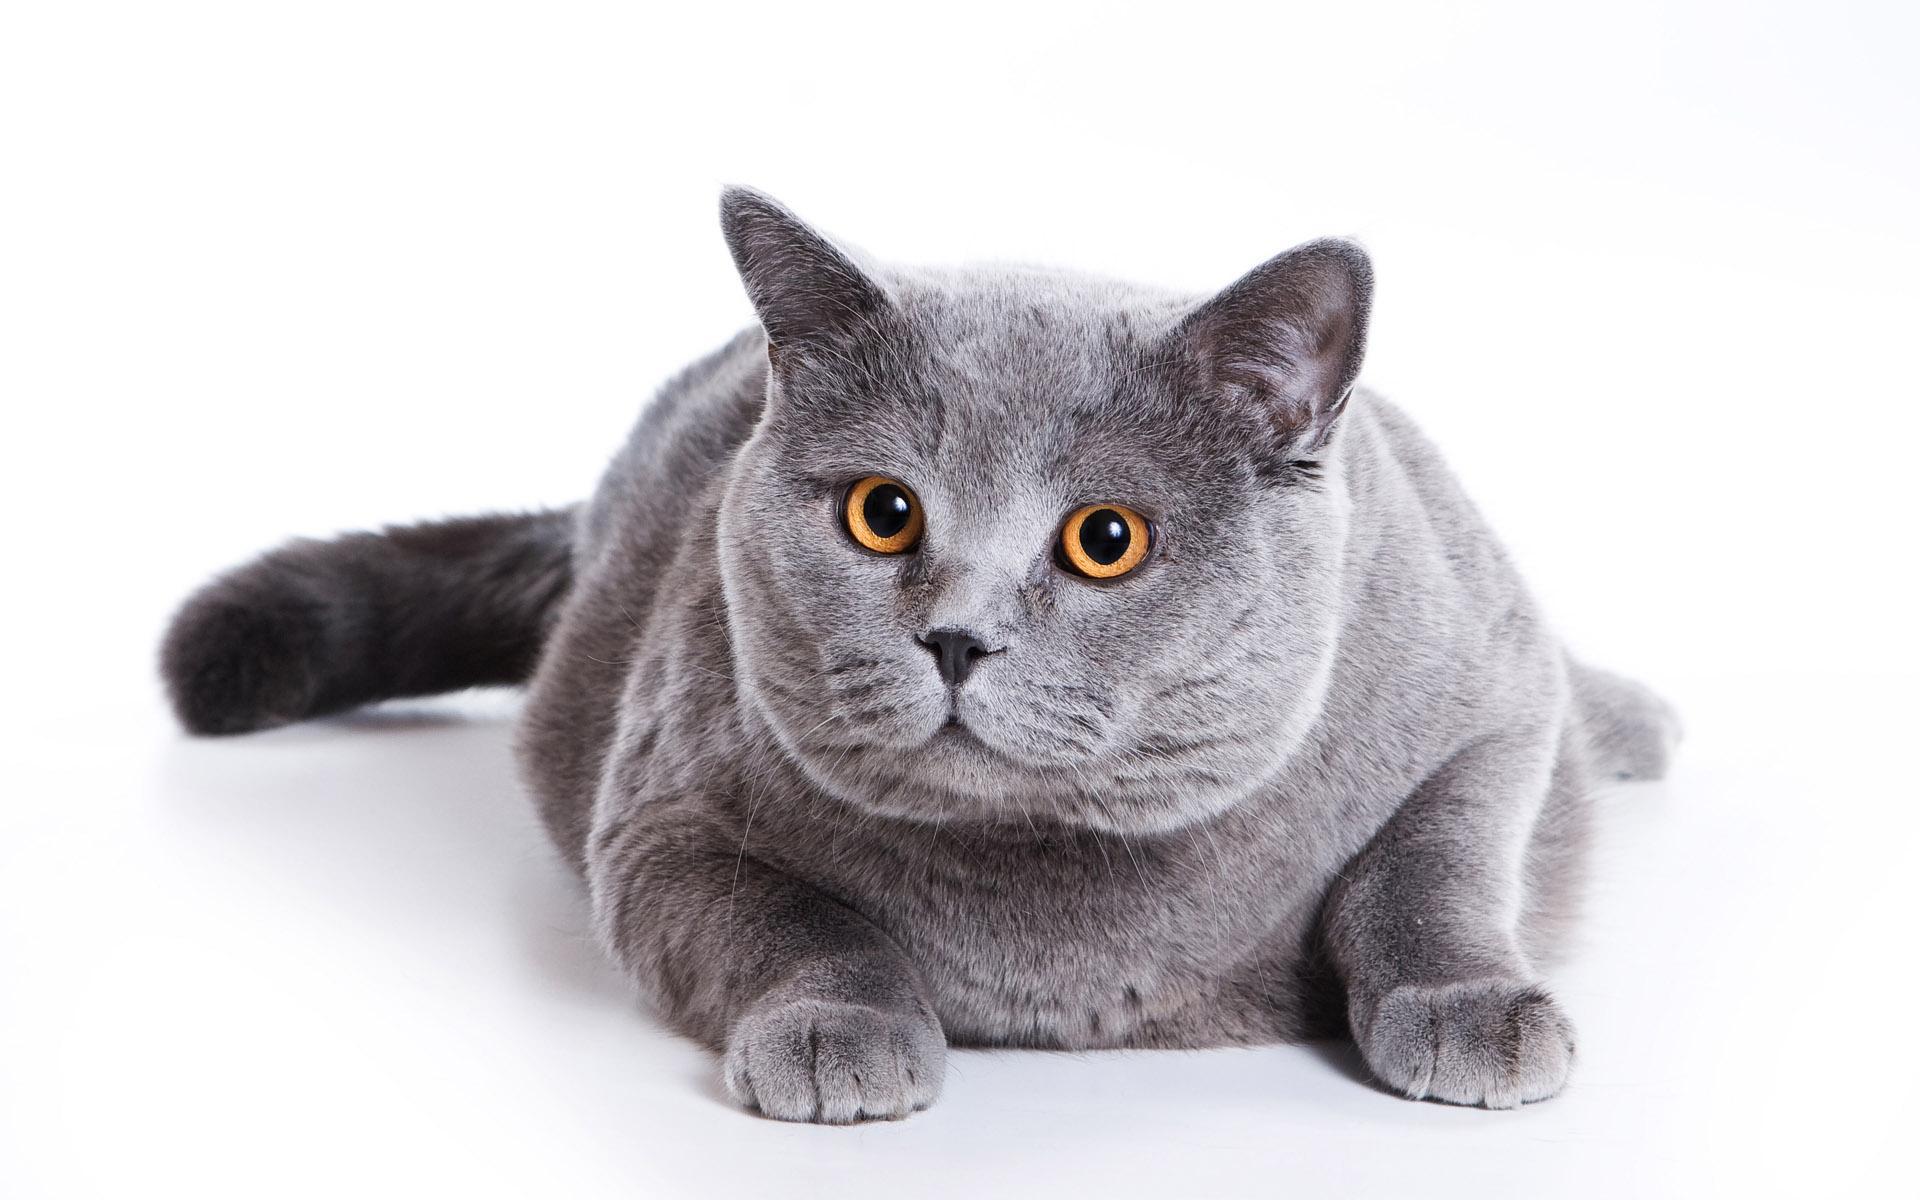 Название кошки размер 1920x1200